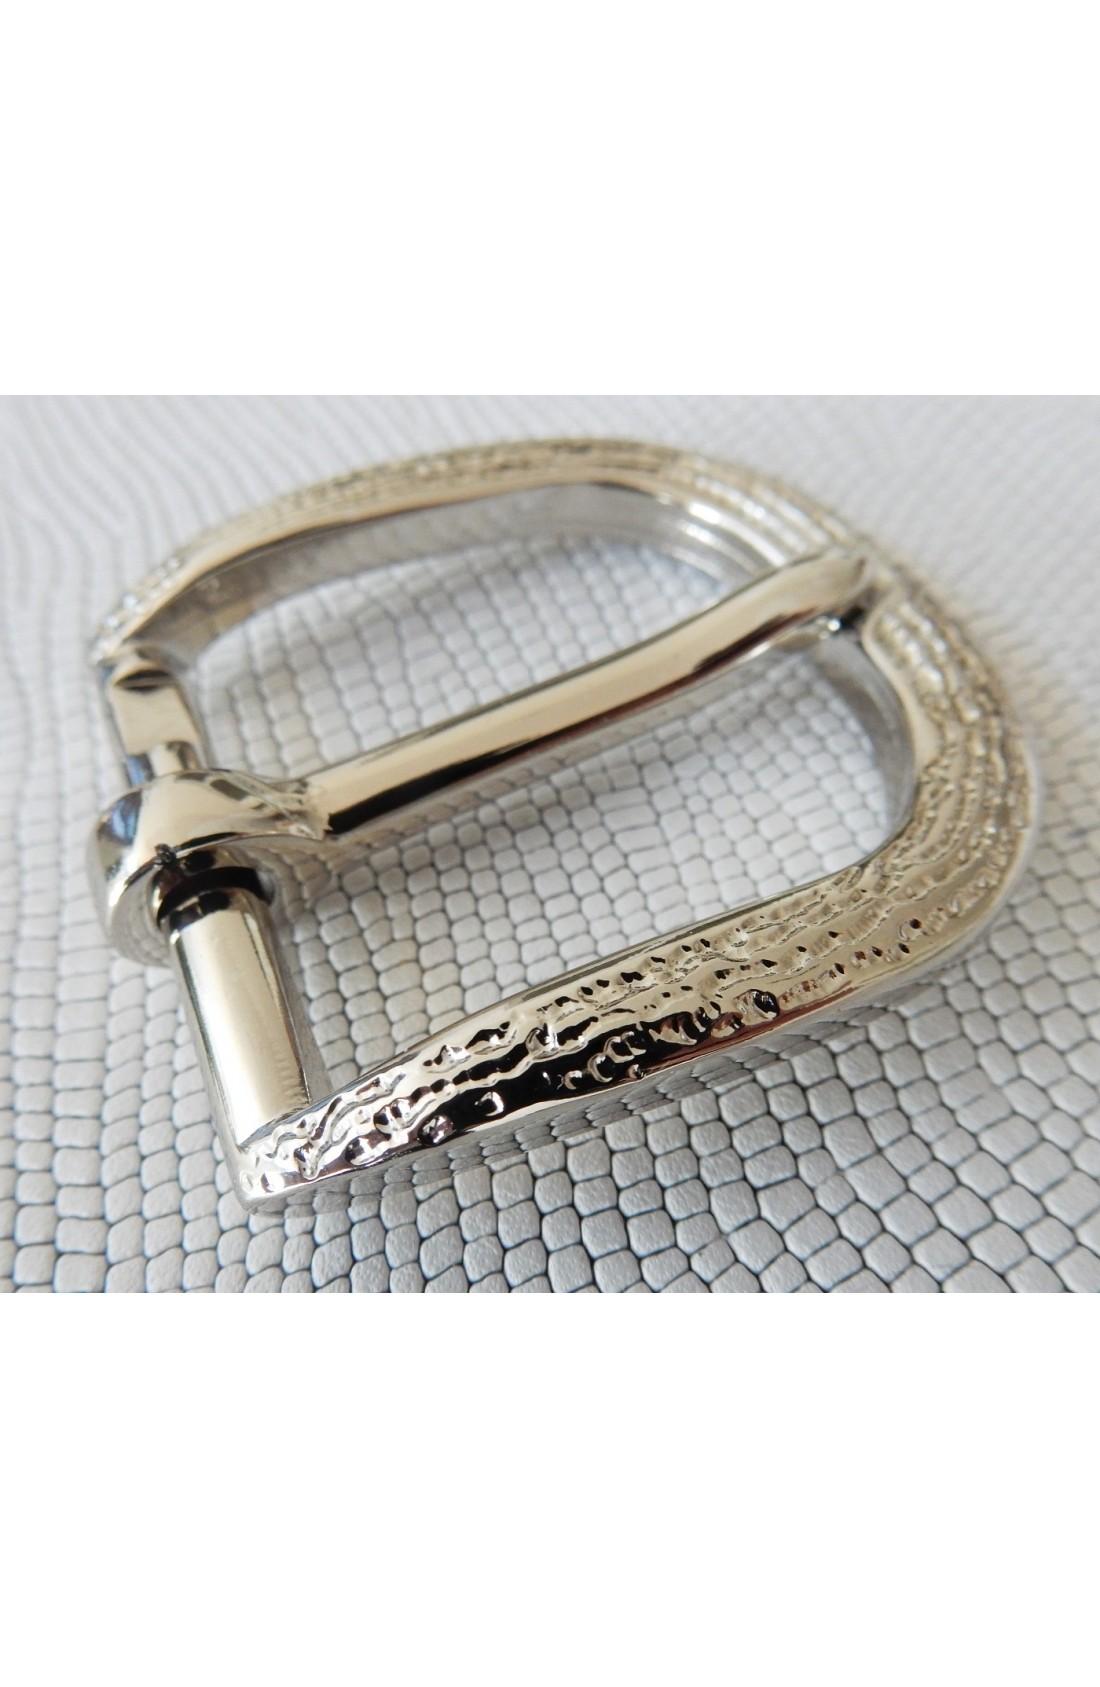 Fibbia Standard Z 51 mm.35 nikel free (2)